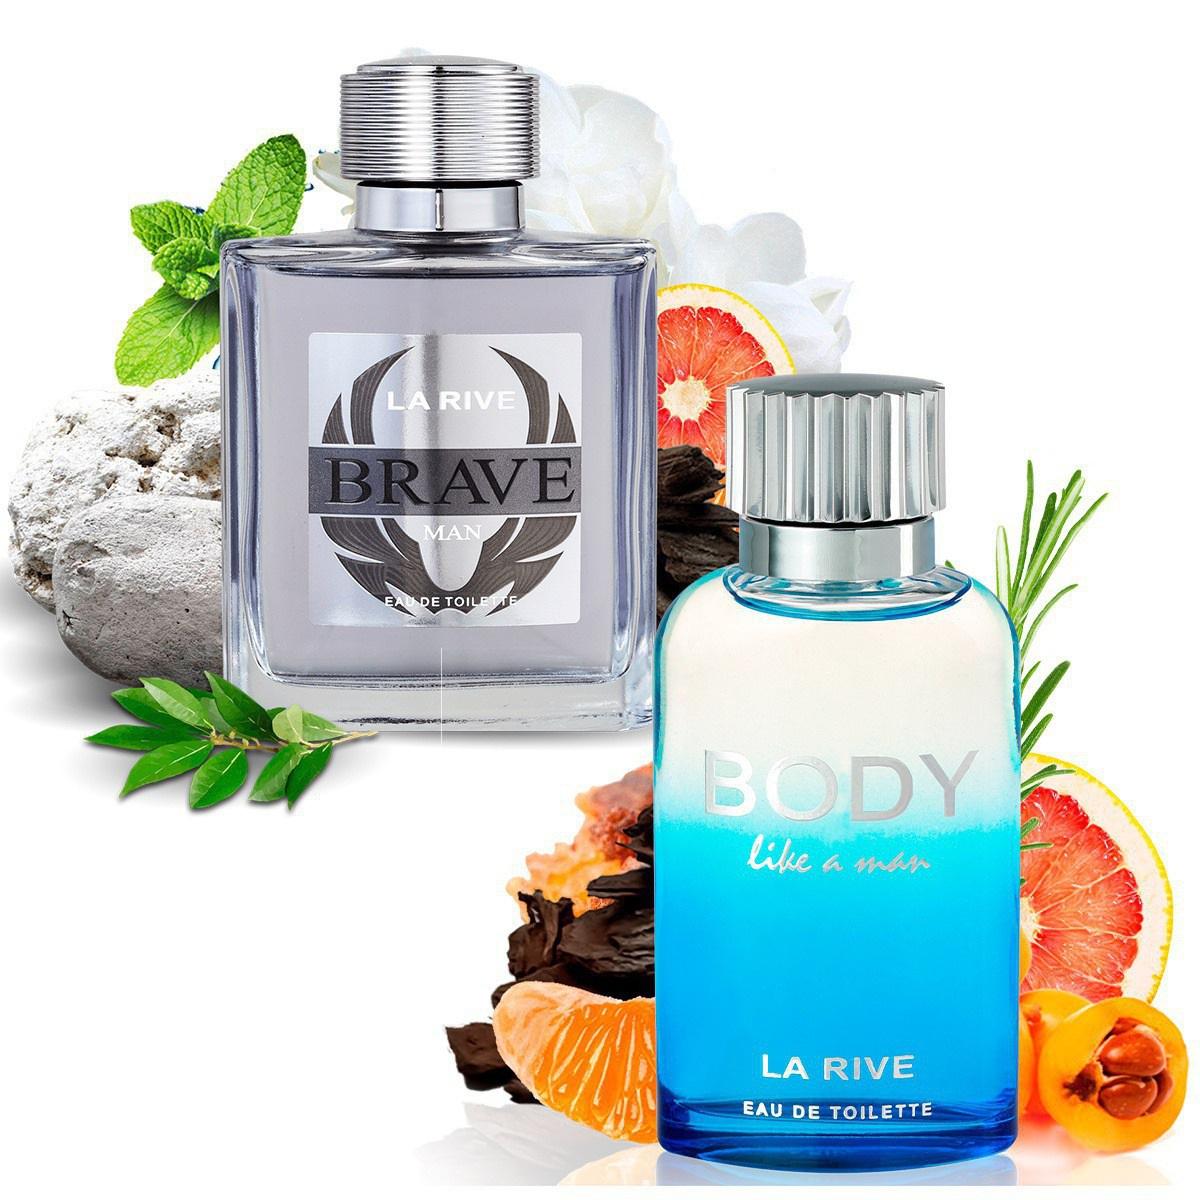 Kit 2 Perfumes Importados Brave e Body Like a Man La Rive